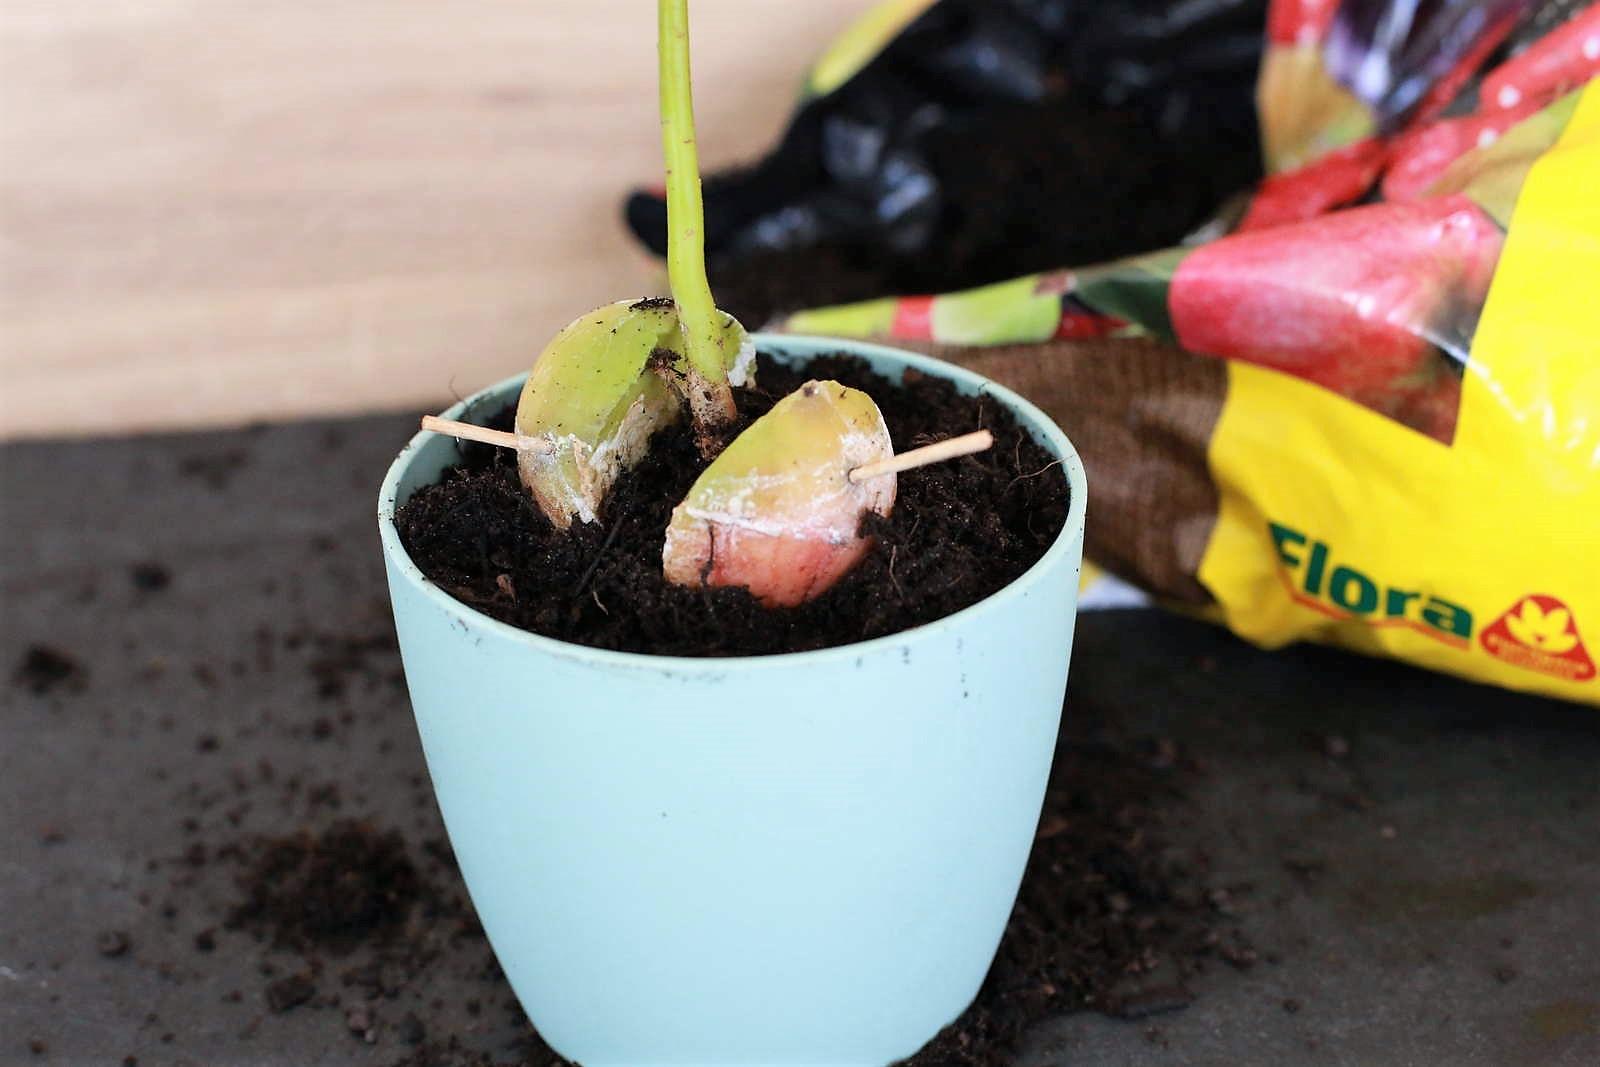 avocadokern einpflanzen vermehrung anbau leichtgemacht plantura. Black Bedroom Furniture Sets. Home Design Ideas